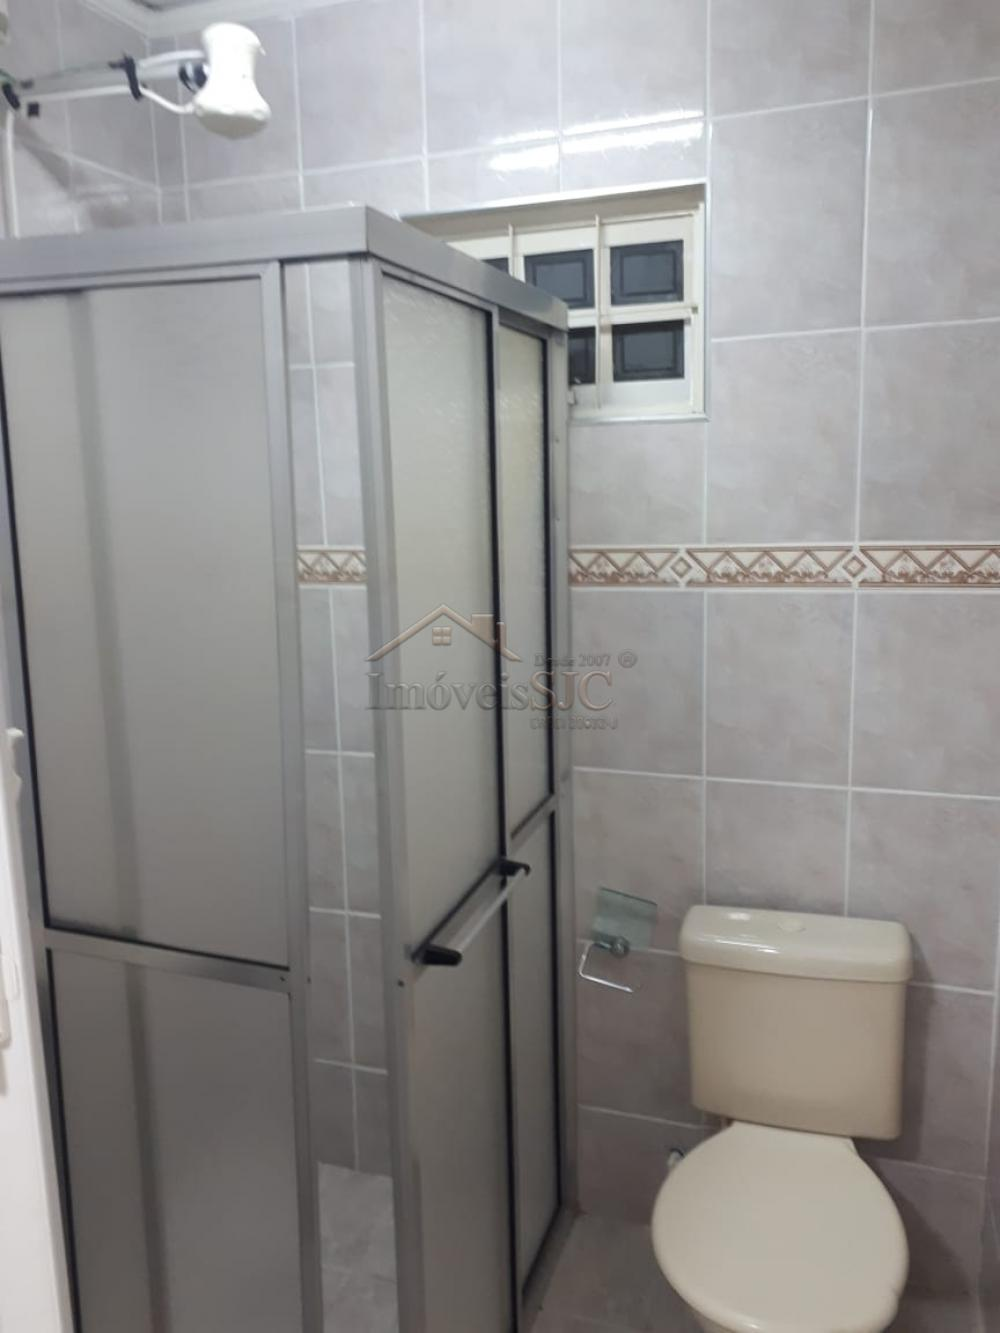 Alugar Casas / Padrão em São José dos Campos apenas R$ 1.500,00 - Foto 2